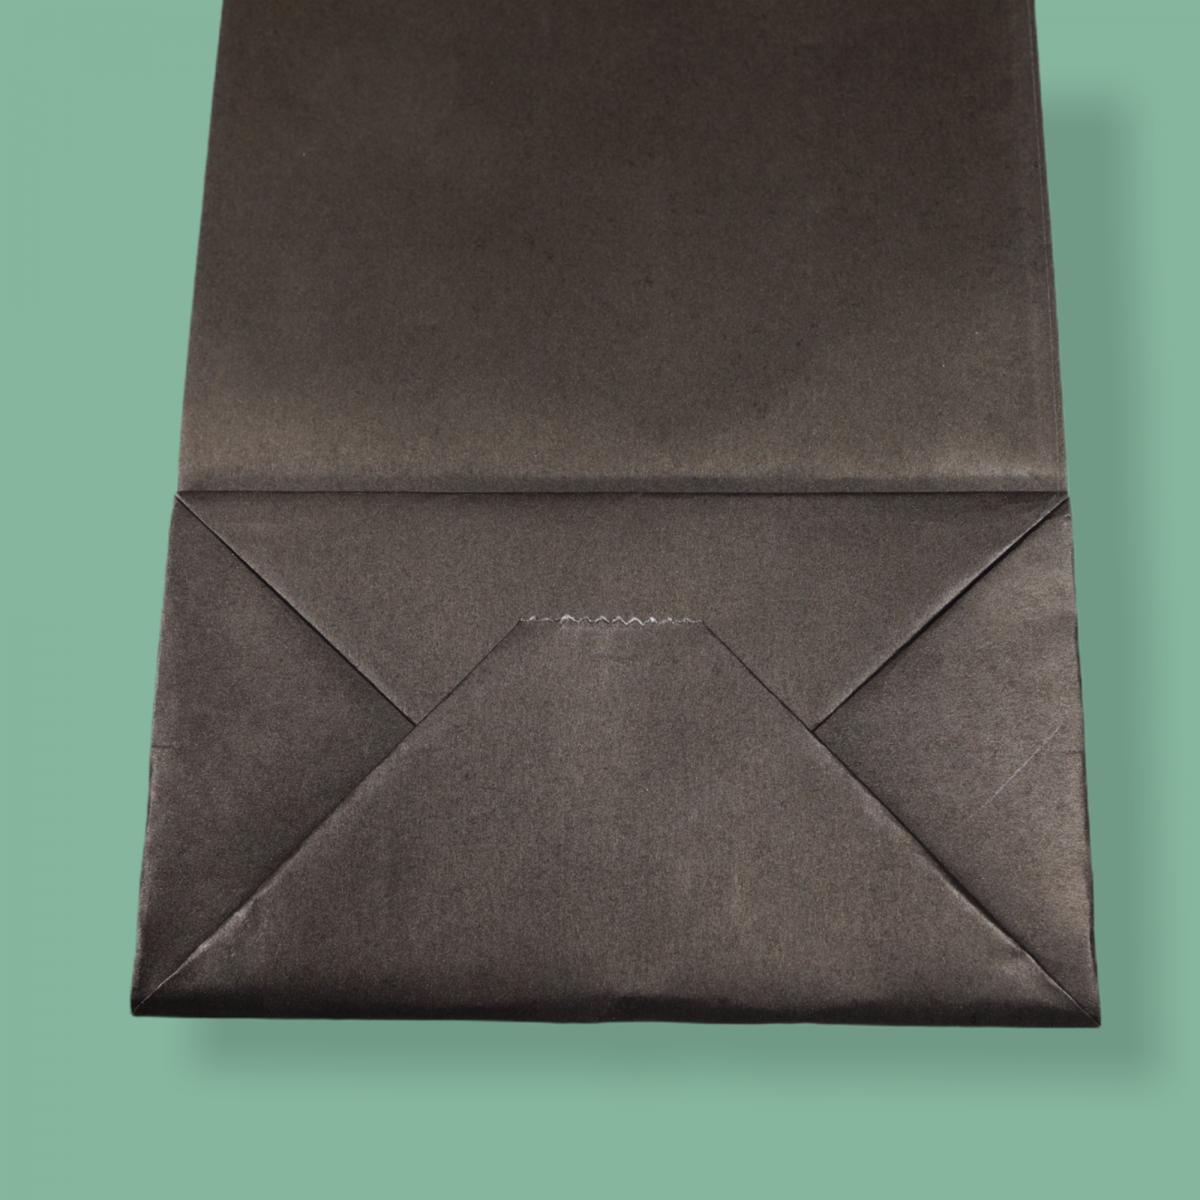 Sodrottfüles papírtáska 14x39x8 cm fekete ITALTASAK A.